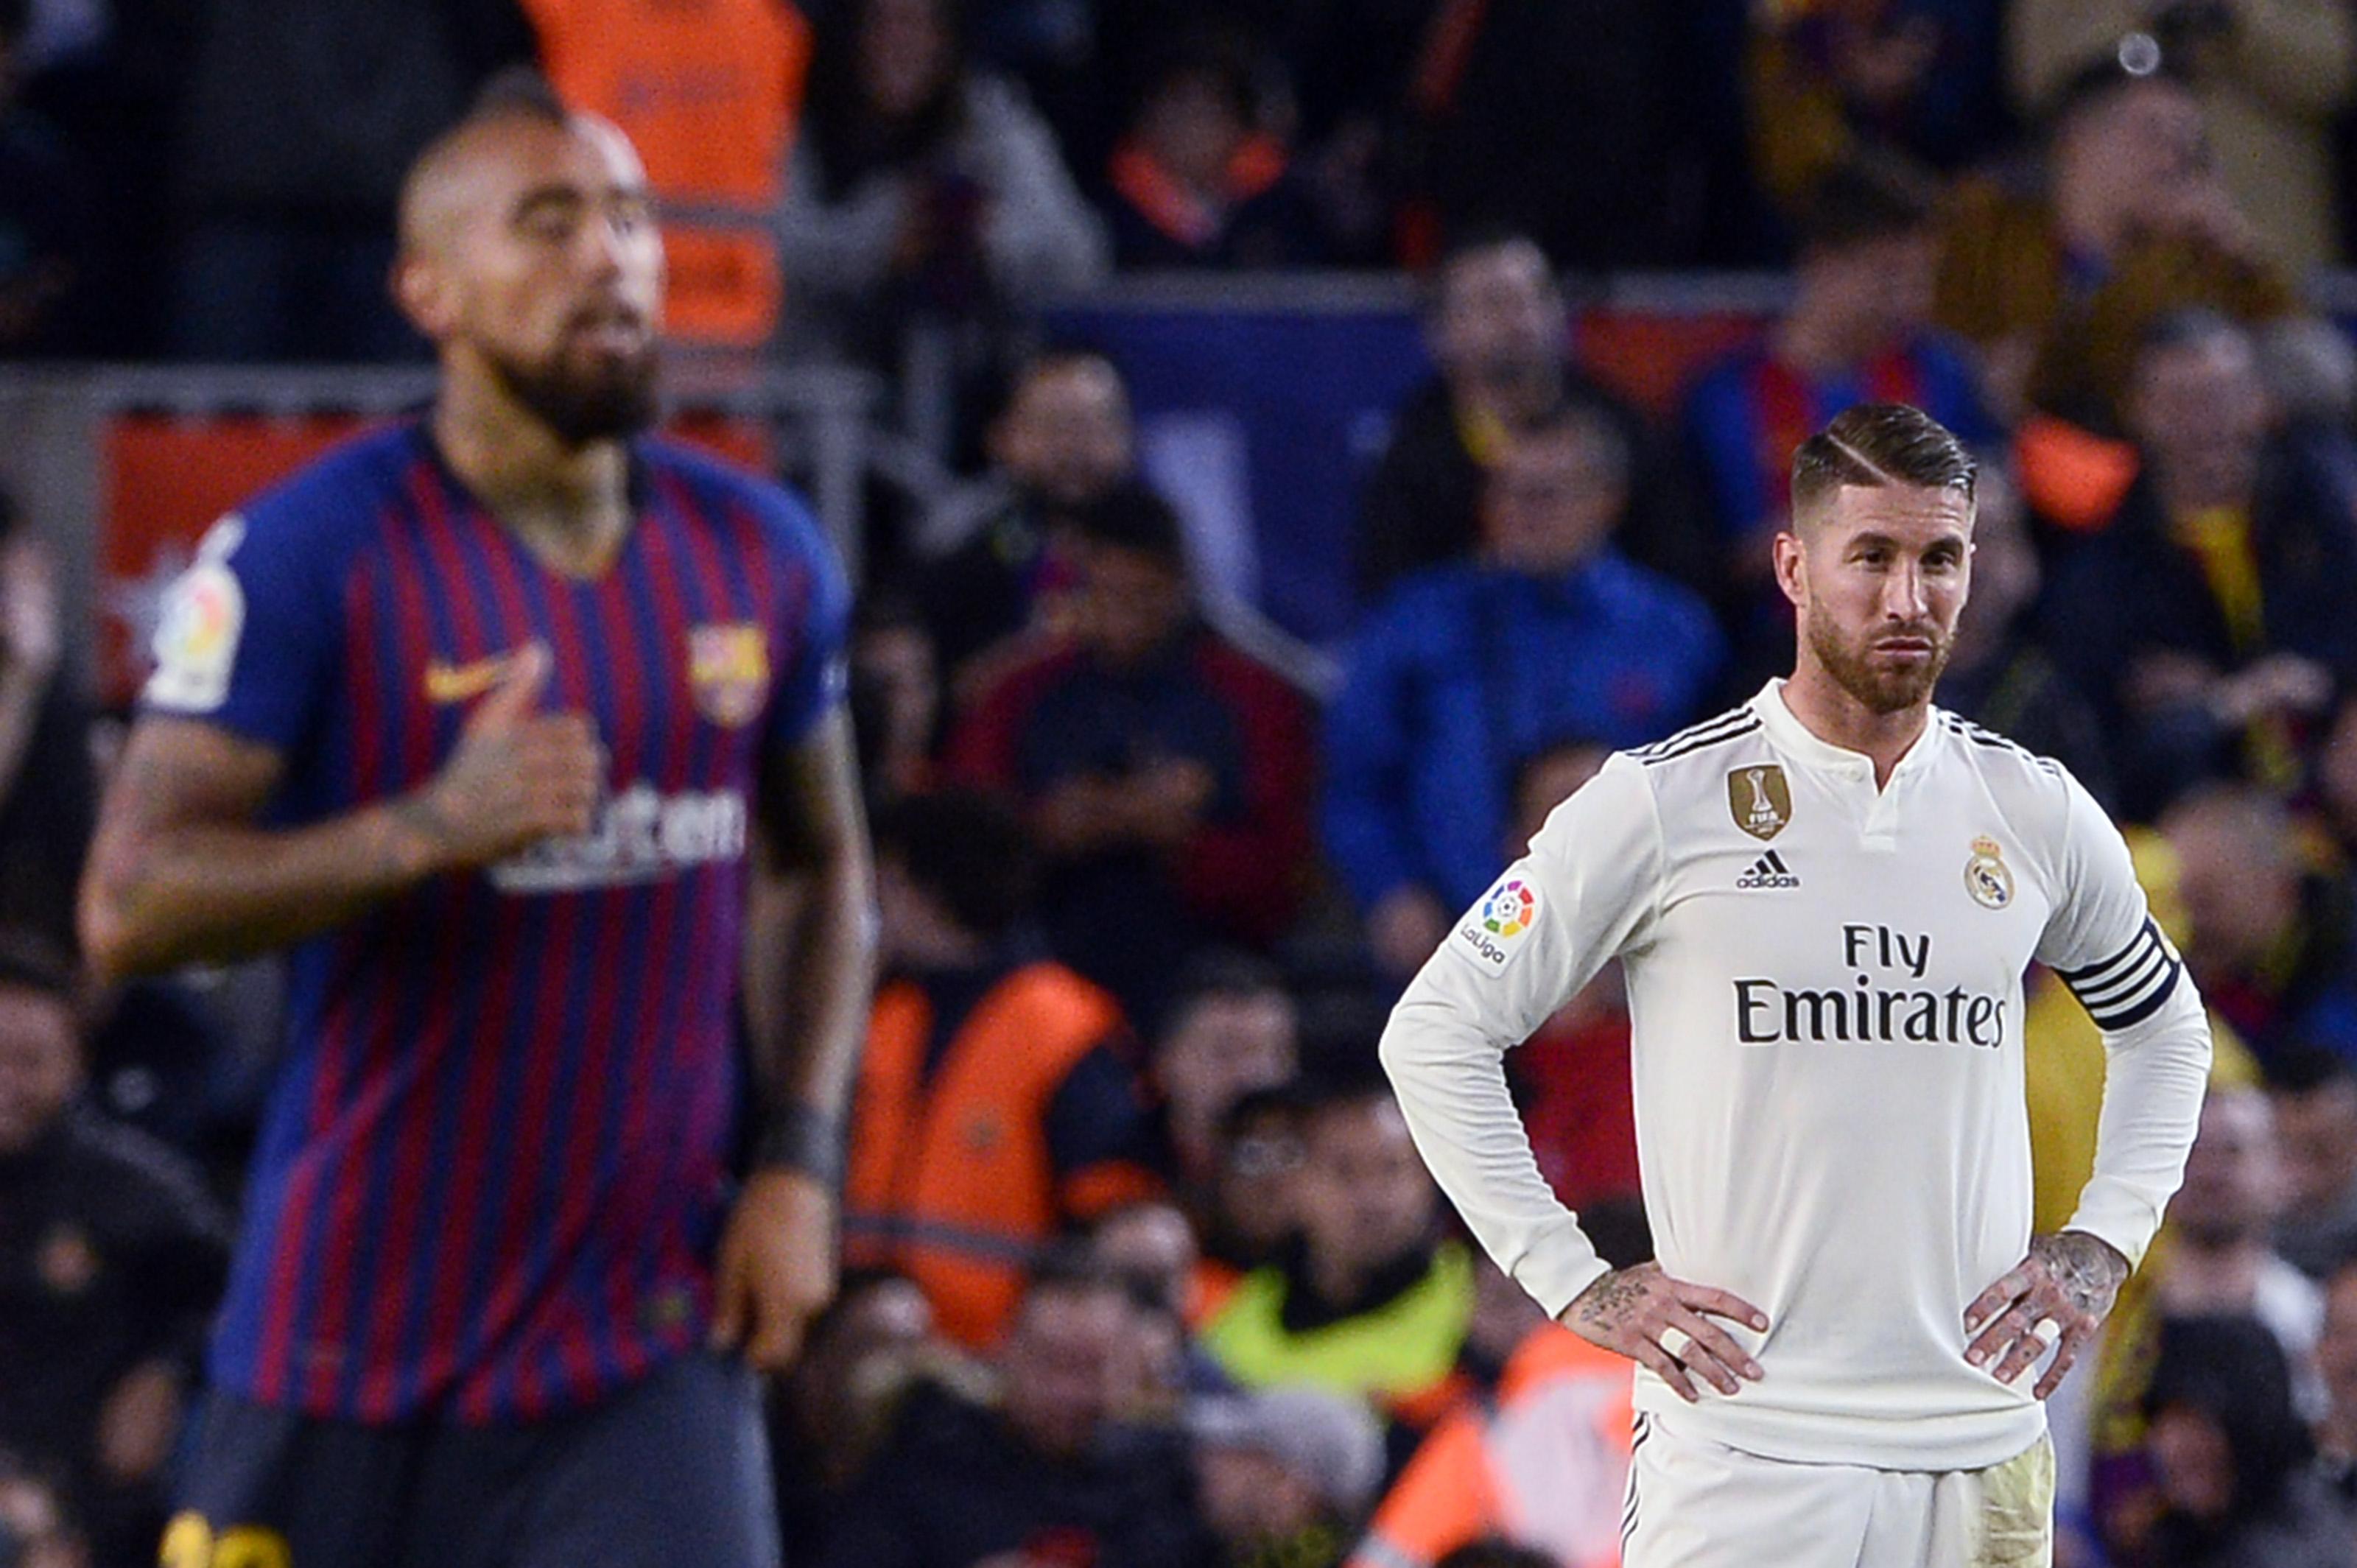 رد فعل قائد ريال مدريد سيرجيو راموس على الهدف الخامس للاعب برشلونة البديل أروتور فيدال في آخر مباراة بينهما